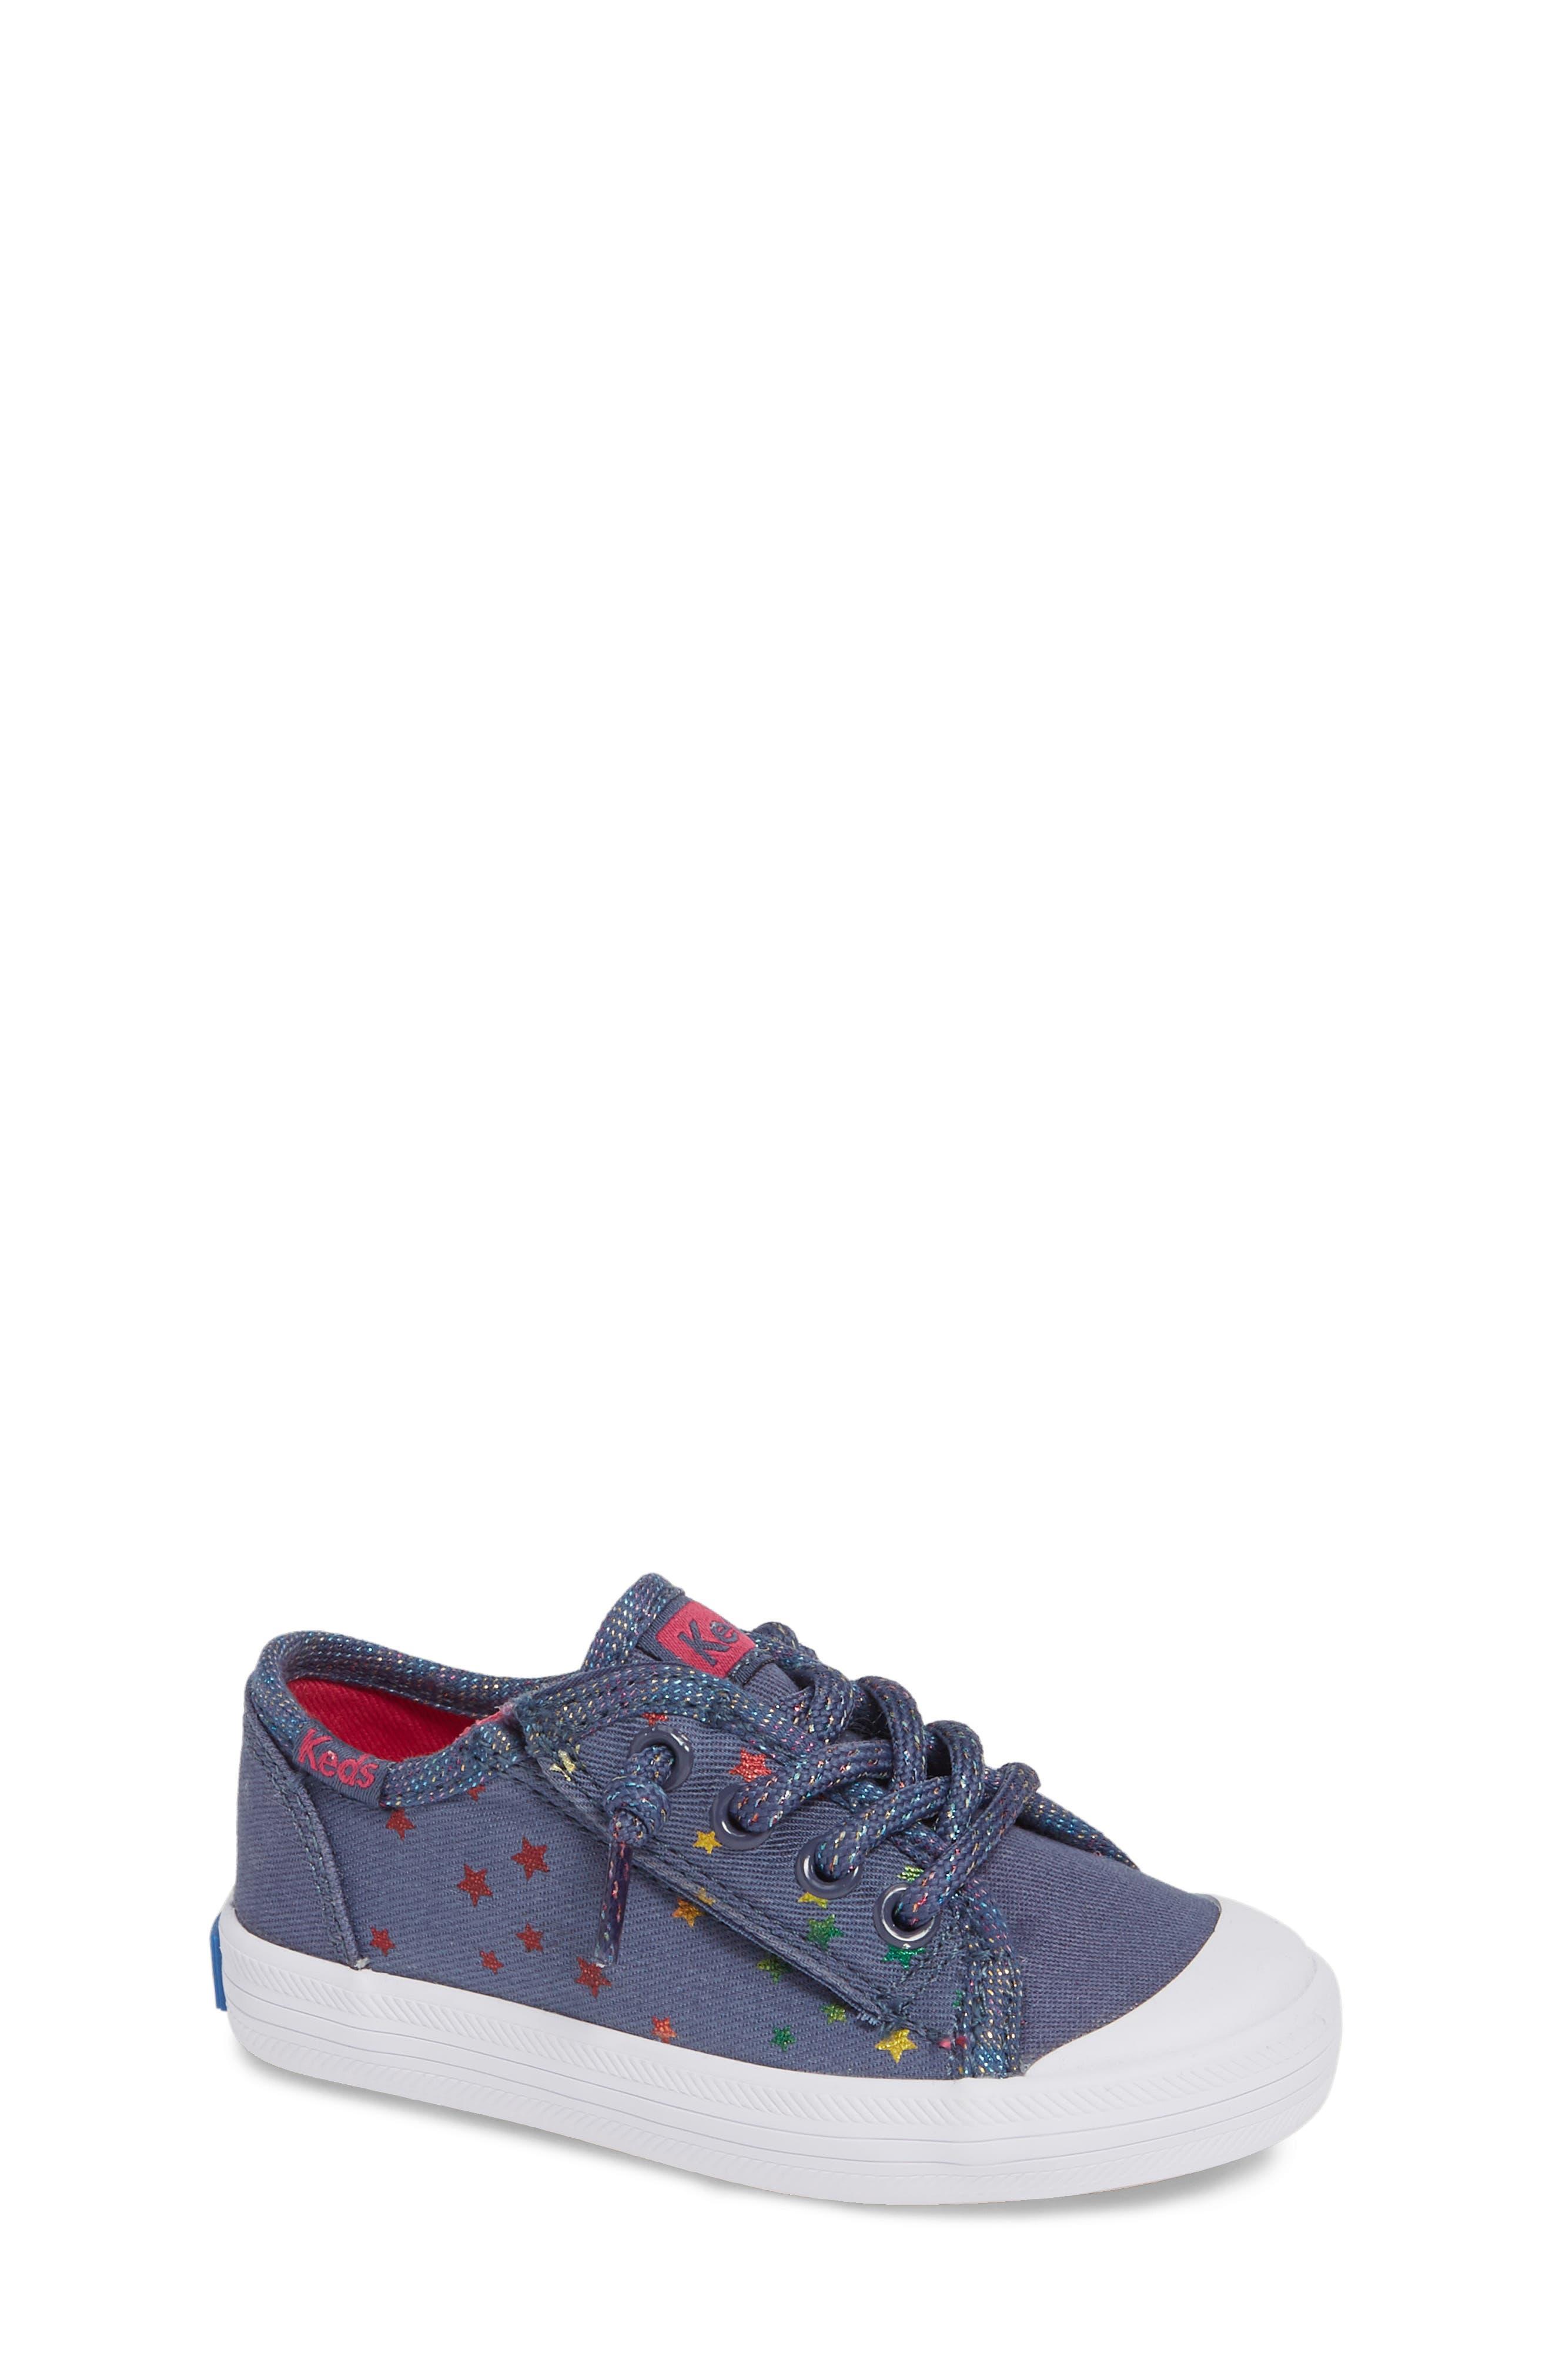 KEDS<SUP>®</SUP> Kickstart Cap Toe Sneaker, Main, color, STAR PERF